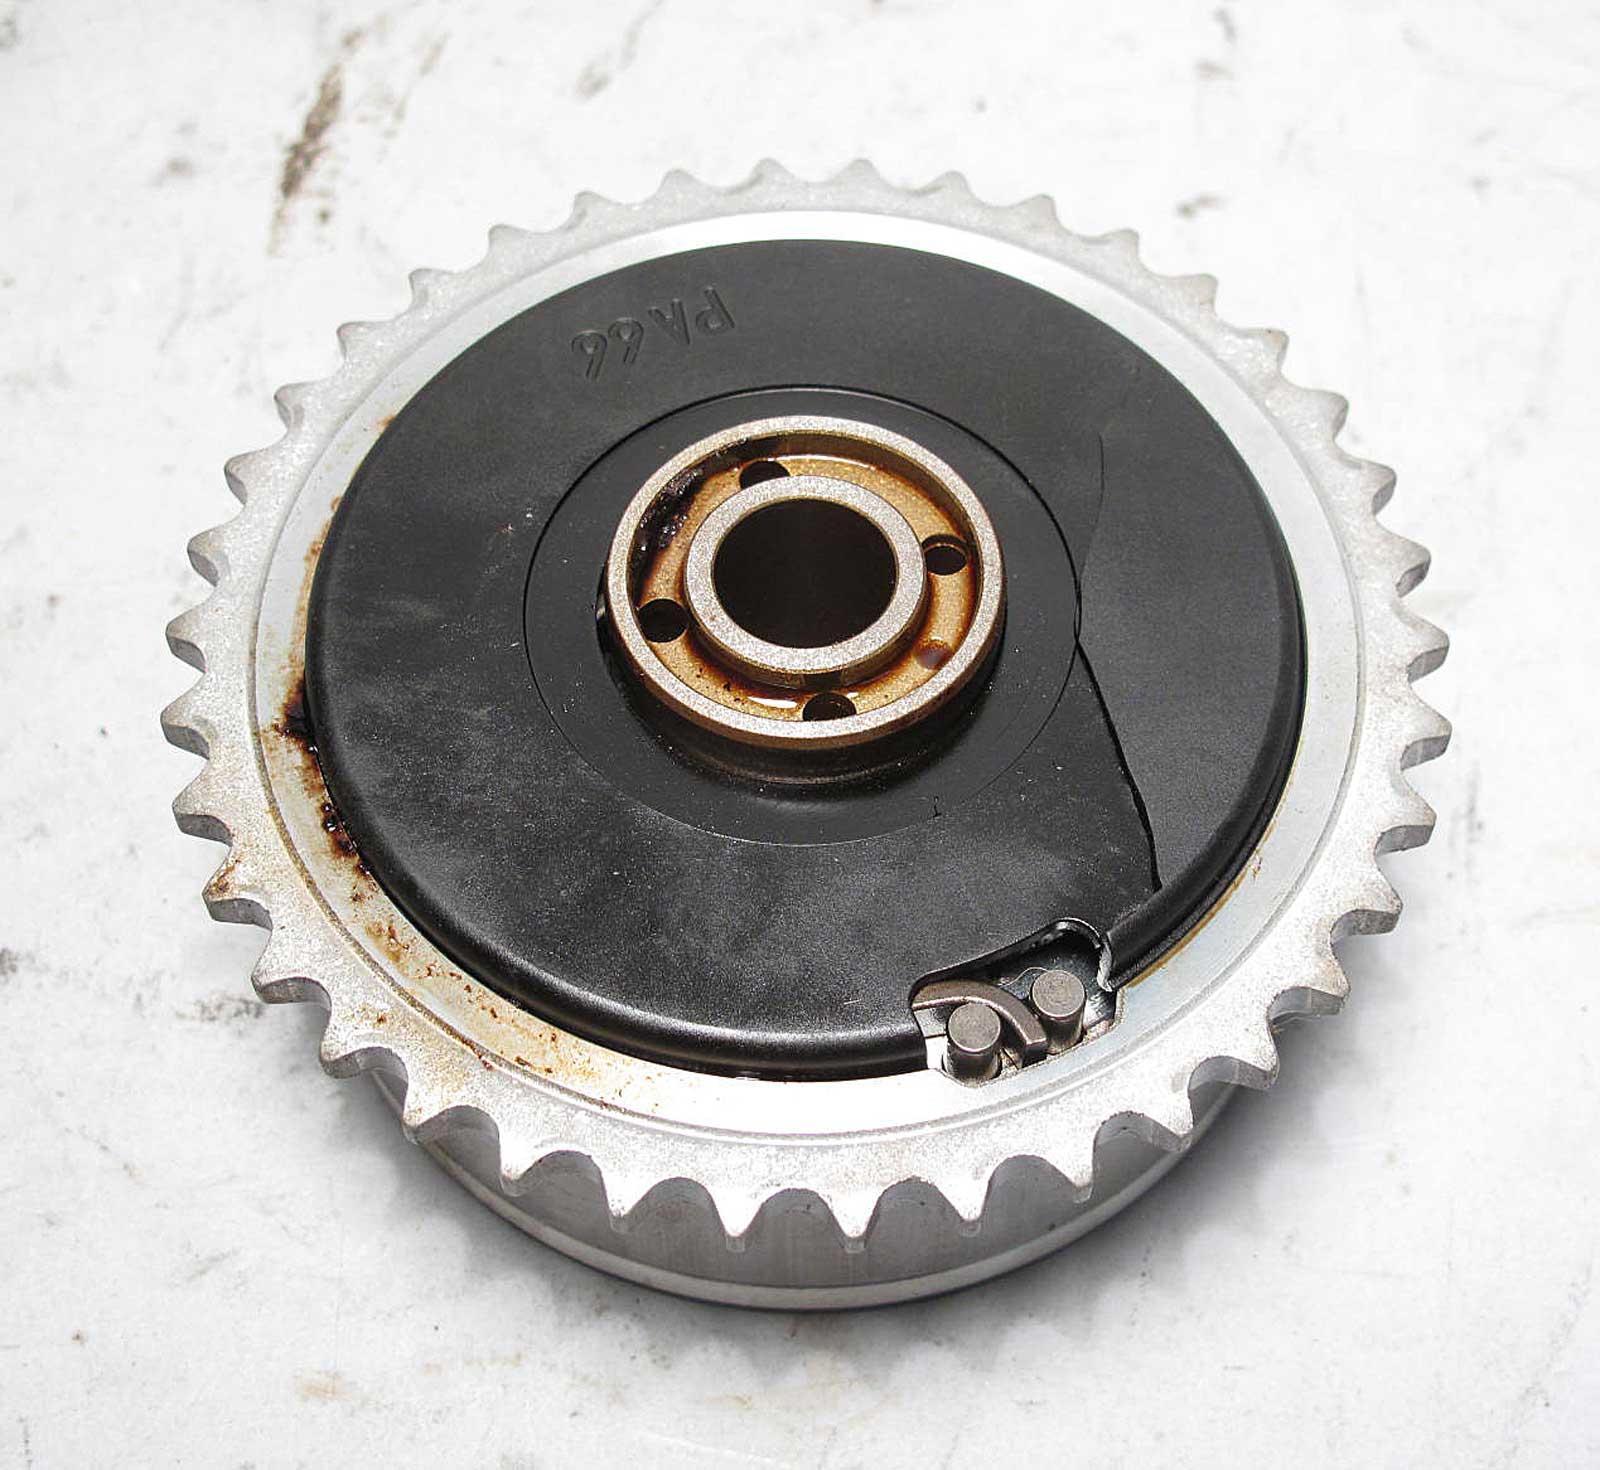 BMW N52 N51 6-Cyl Engine Inlet Intake Camshaft Timing Gear